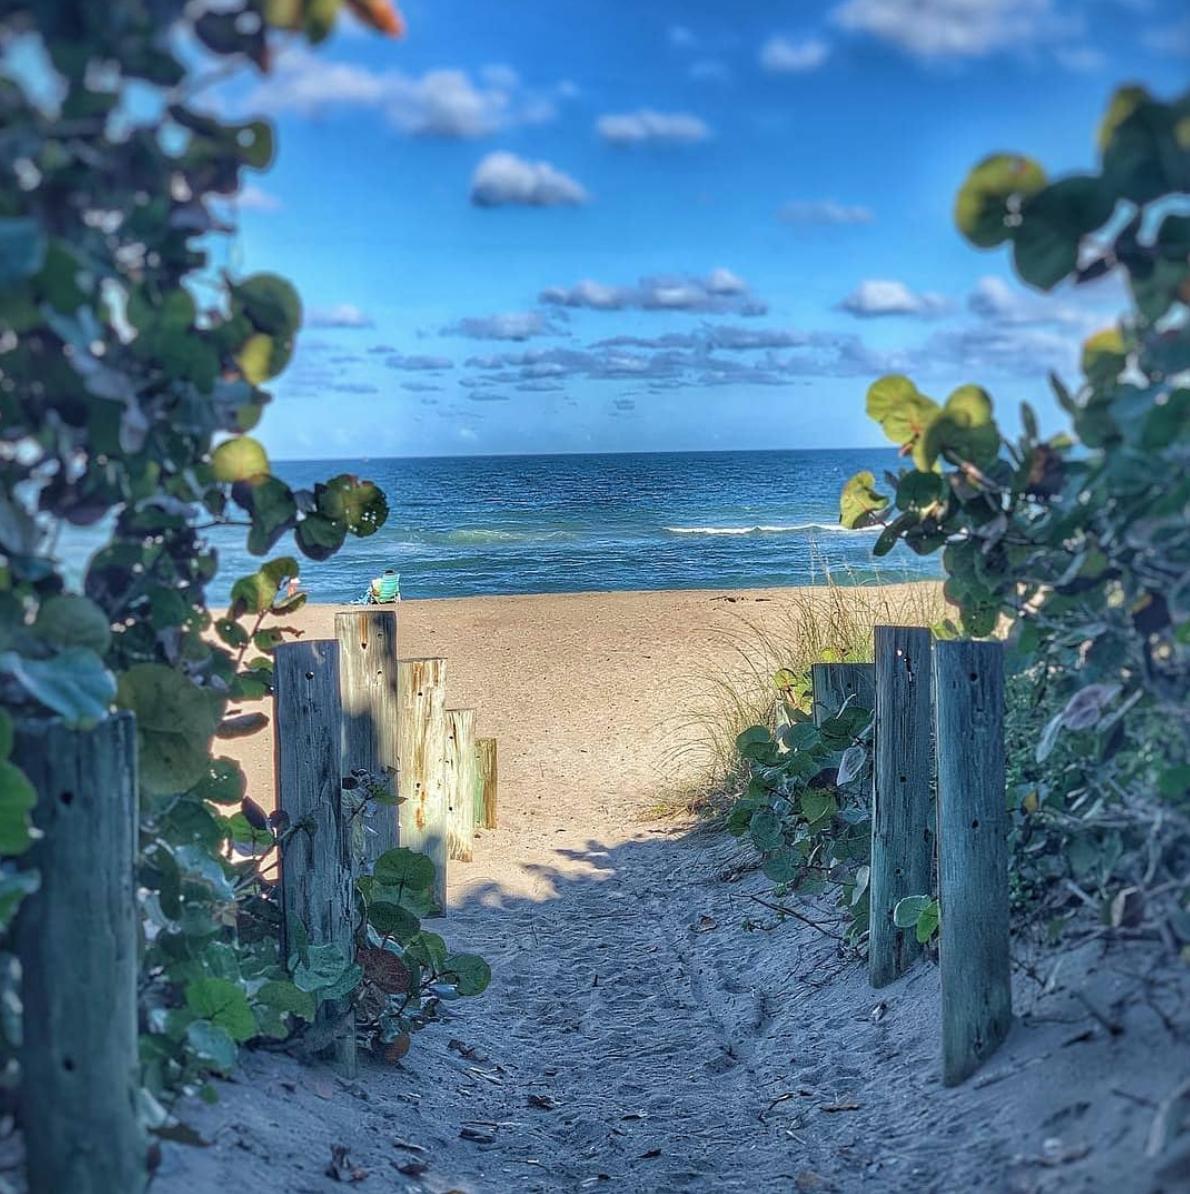 Stuart Beach/Seaside Café Image